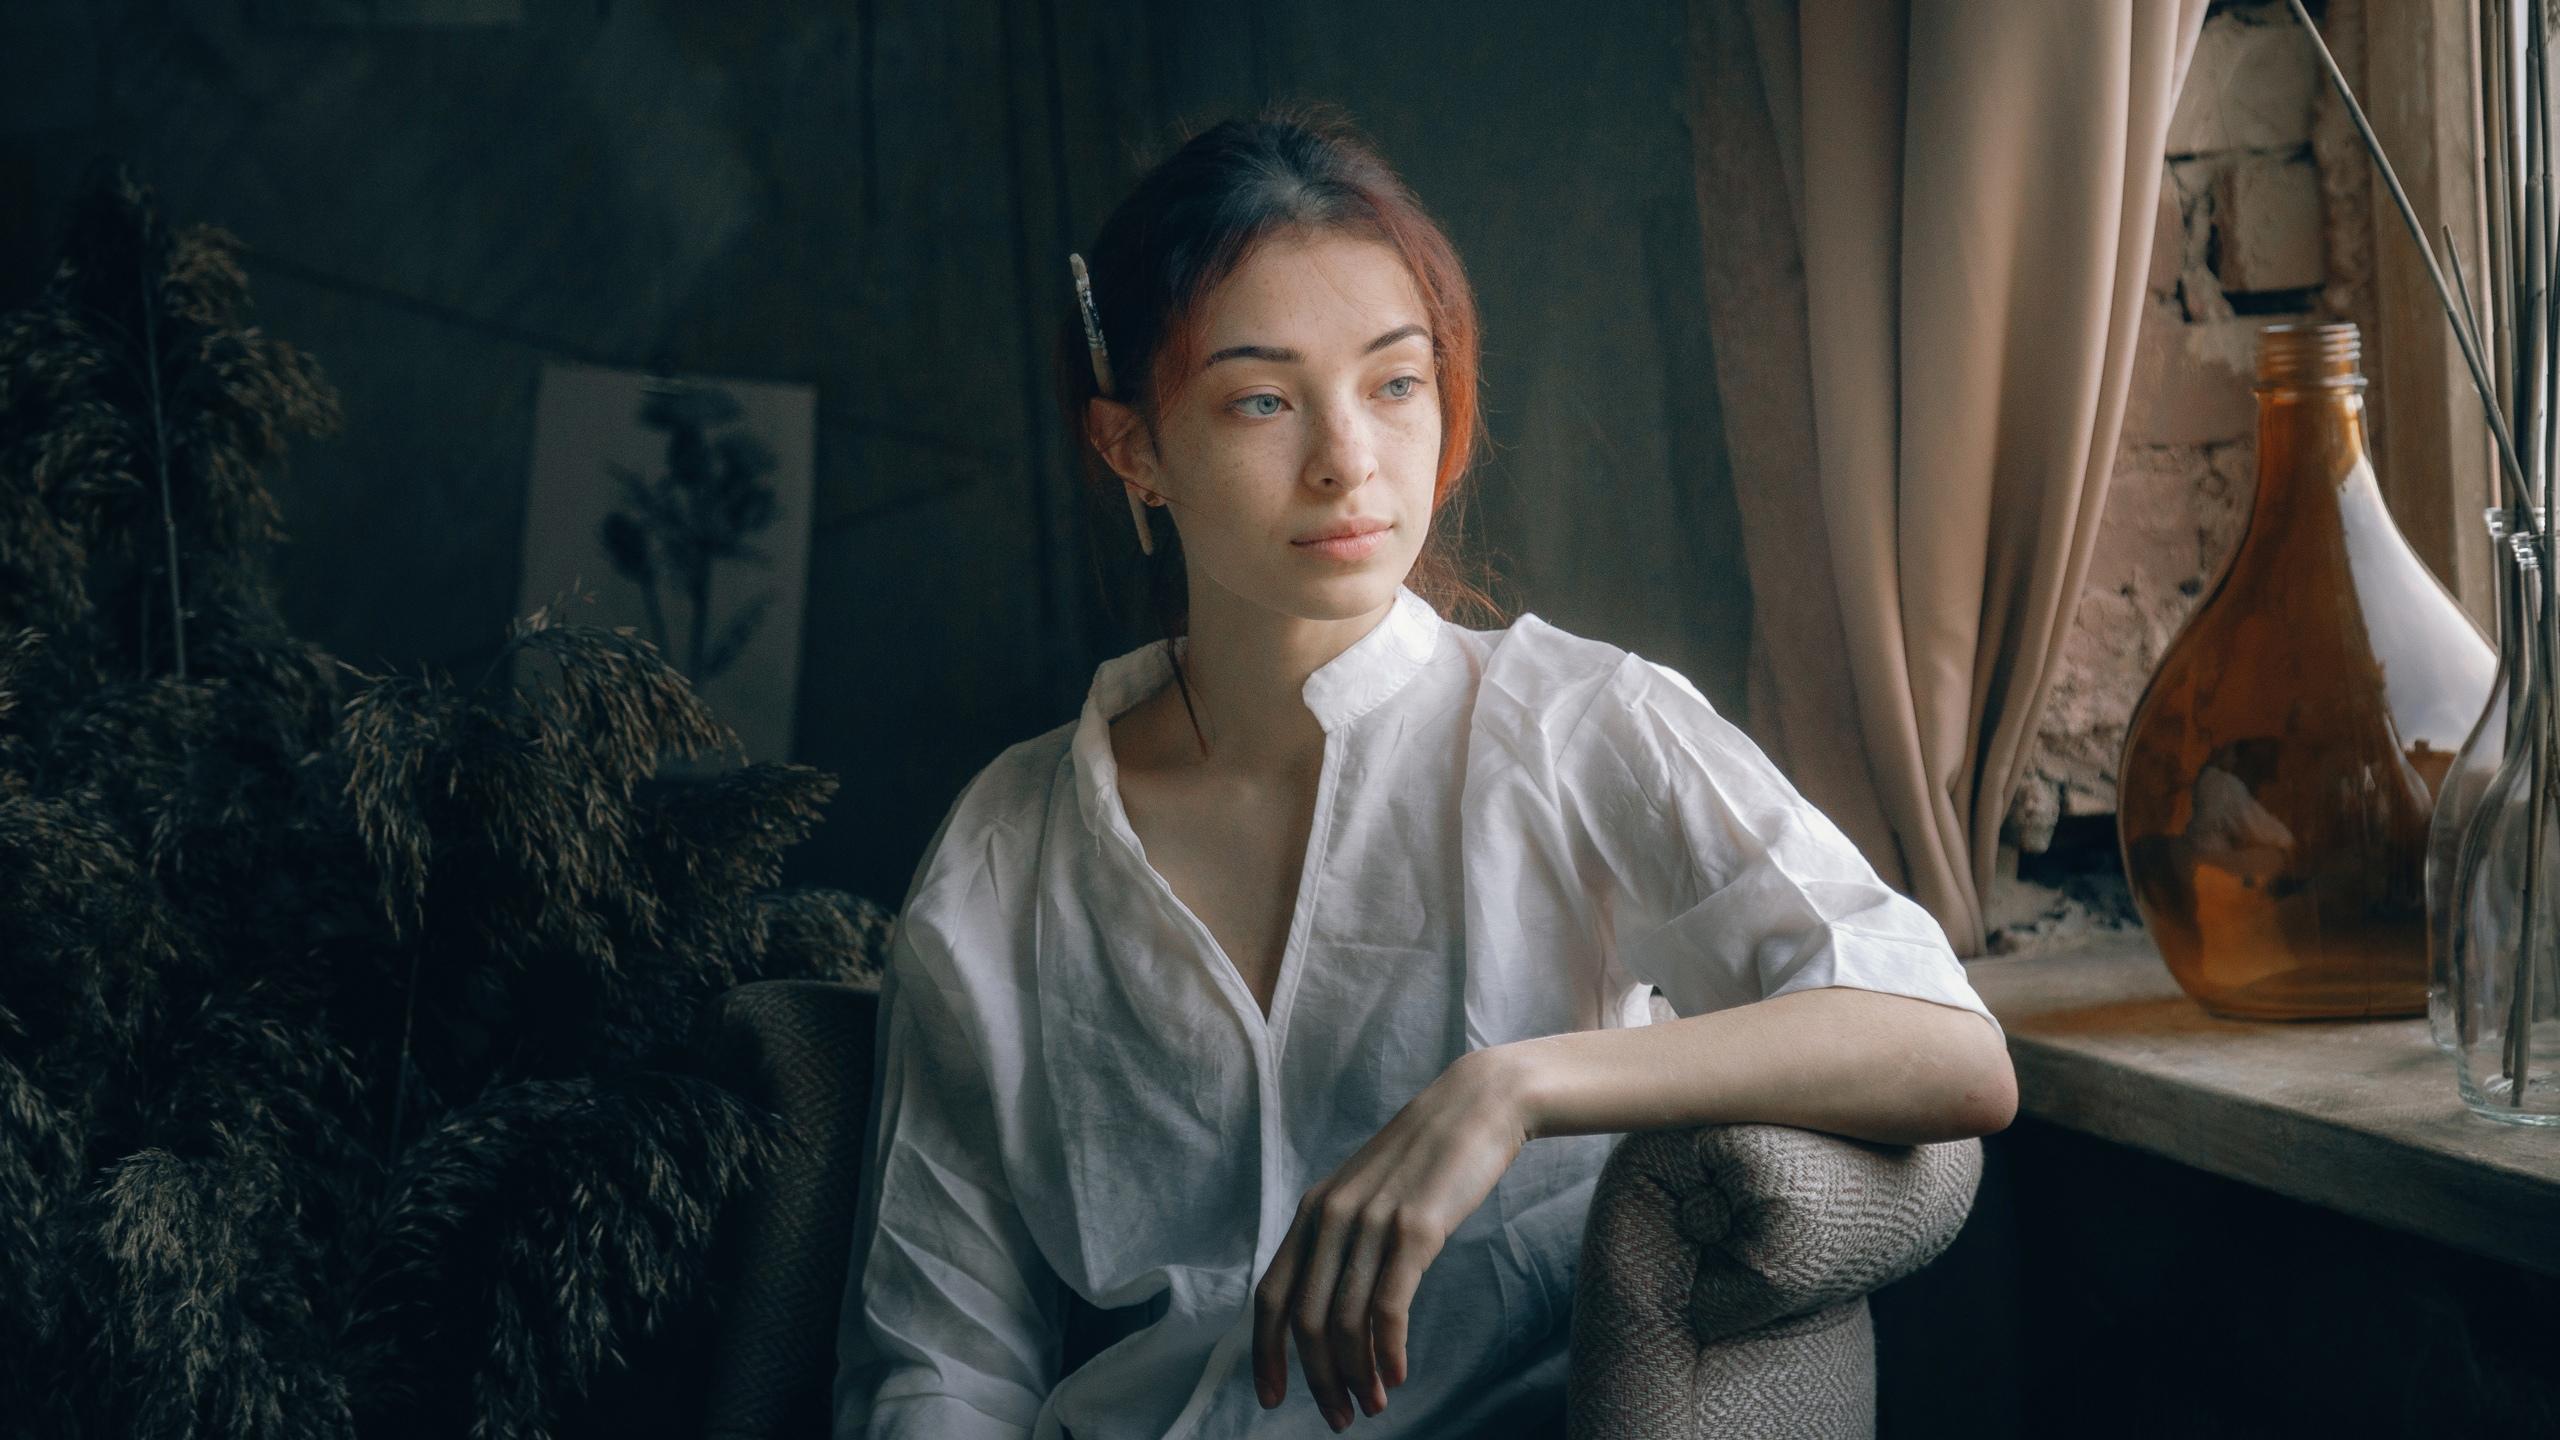 https://www.youngfolks.ru/pub/model-yelizaveta-trofimova-photographer-andrey-vasilyev